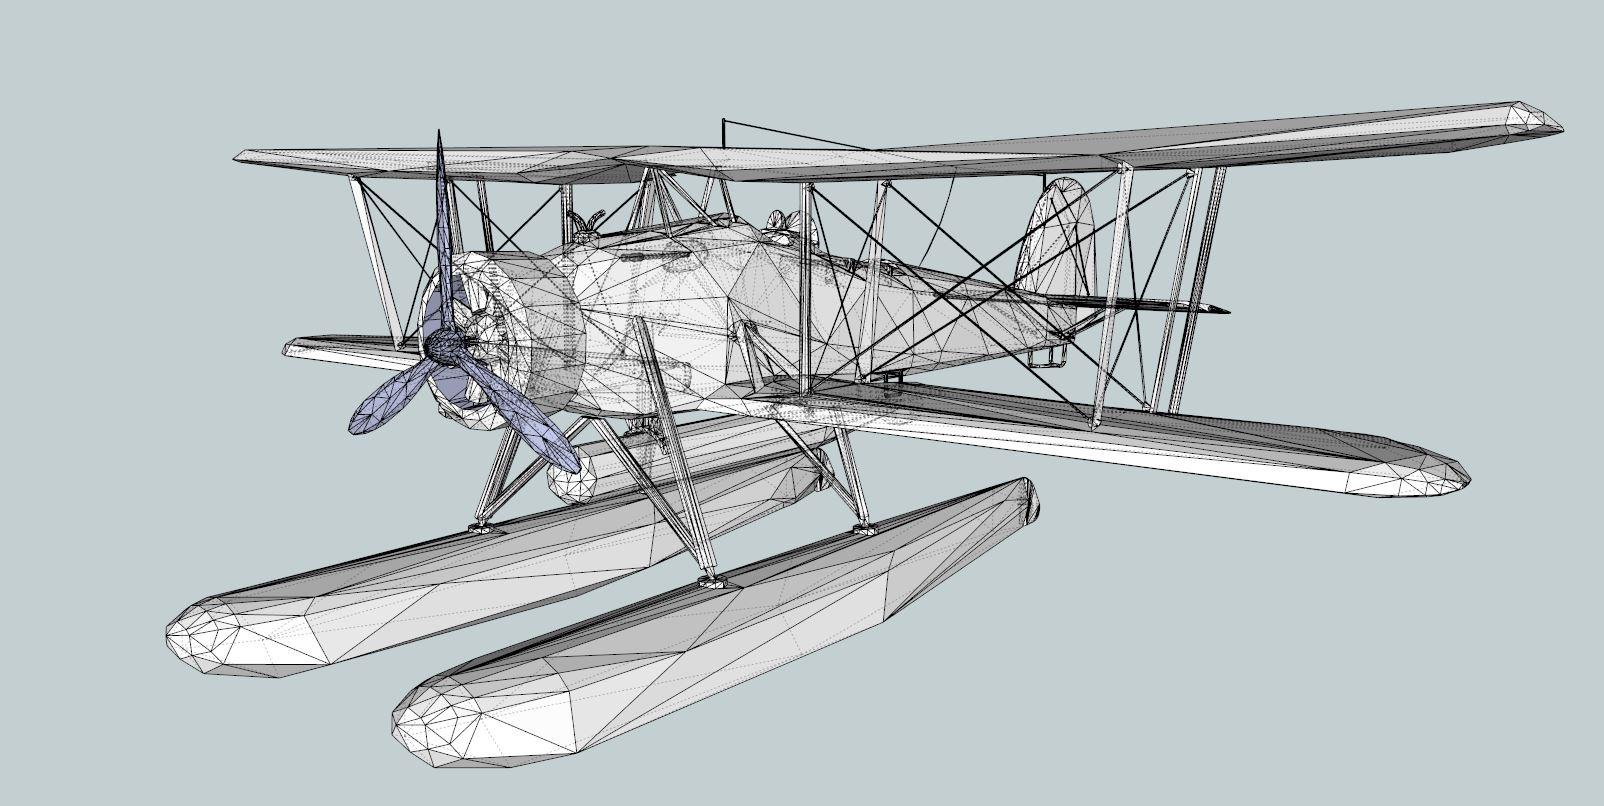 seaplane torpedo bomber 3d model 3ds dxf dwg skp obj 207467